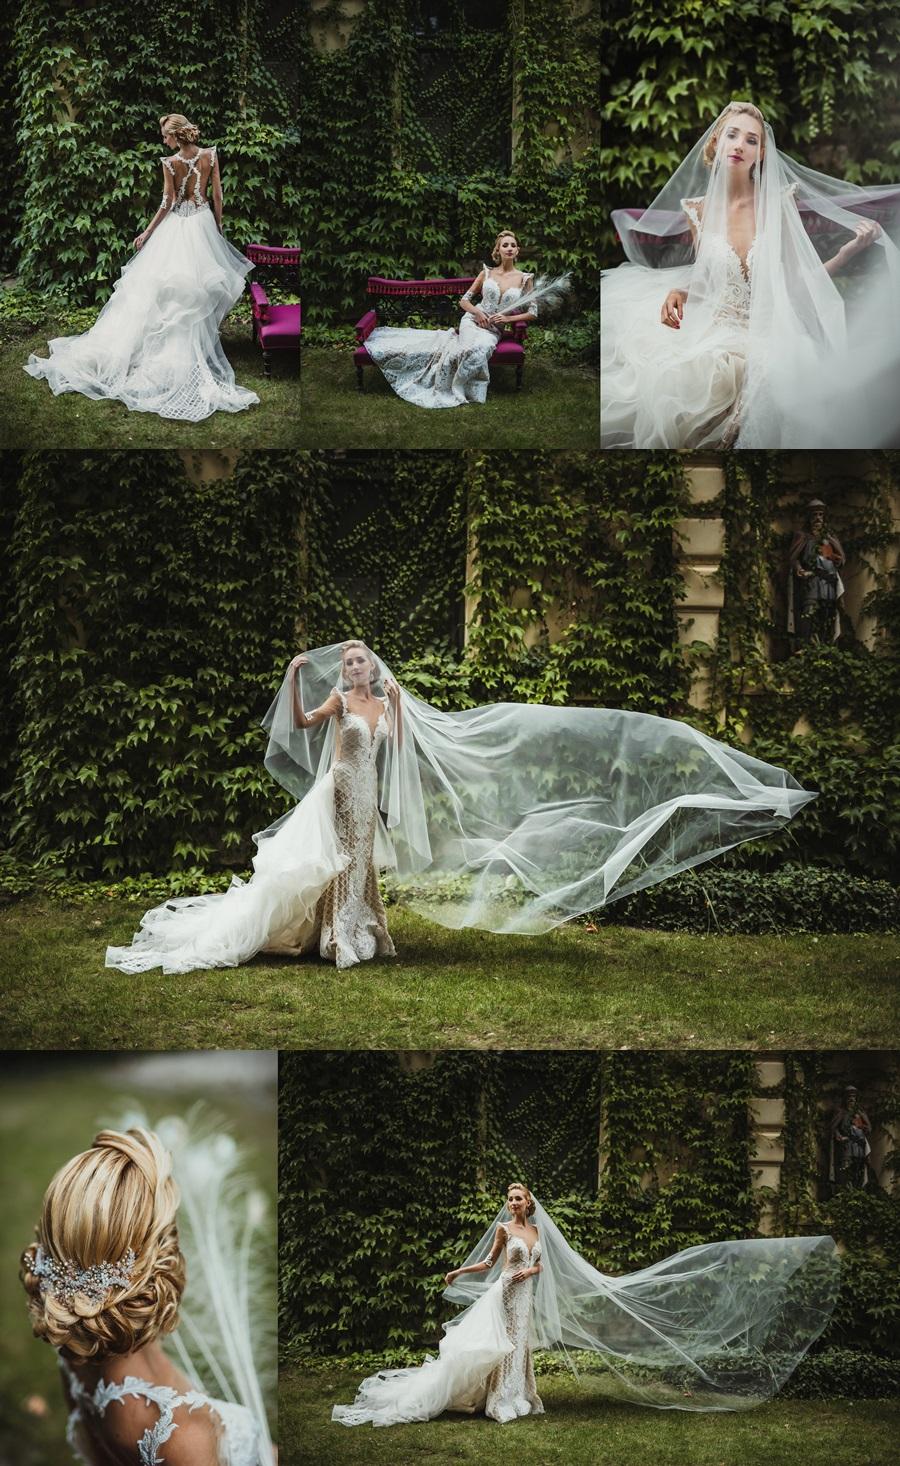 esküvői hajdísz tervezés - Bridal Mirage